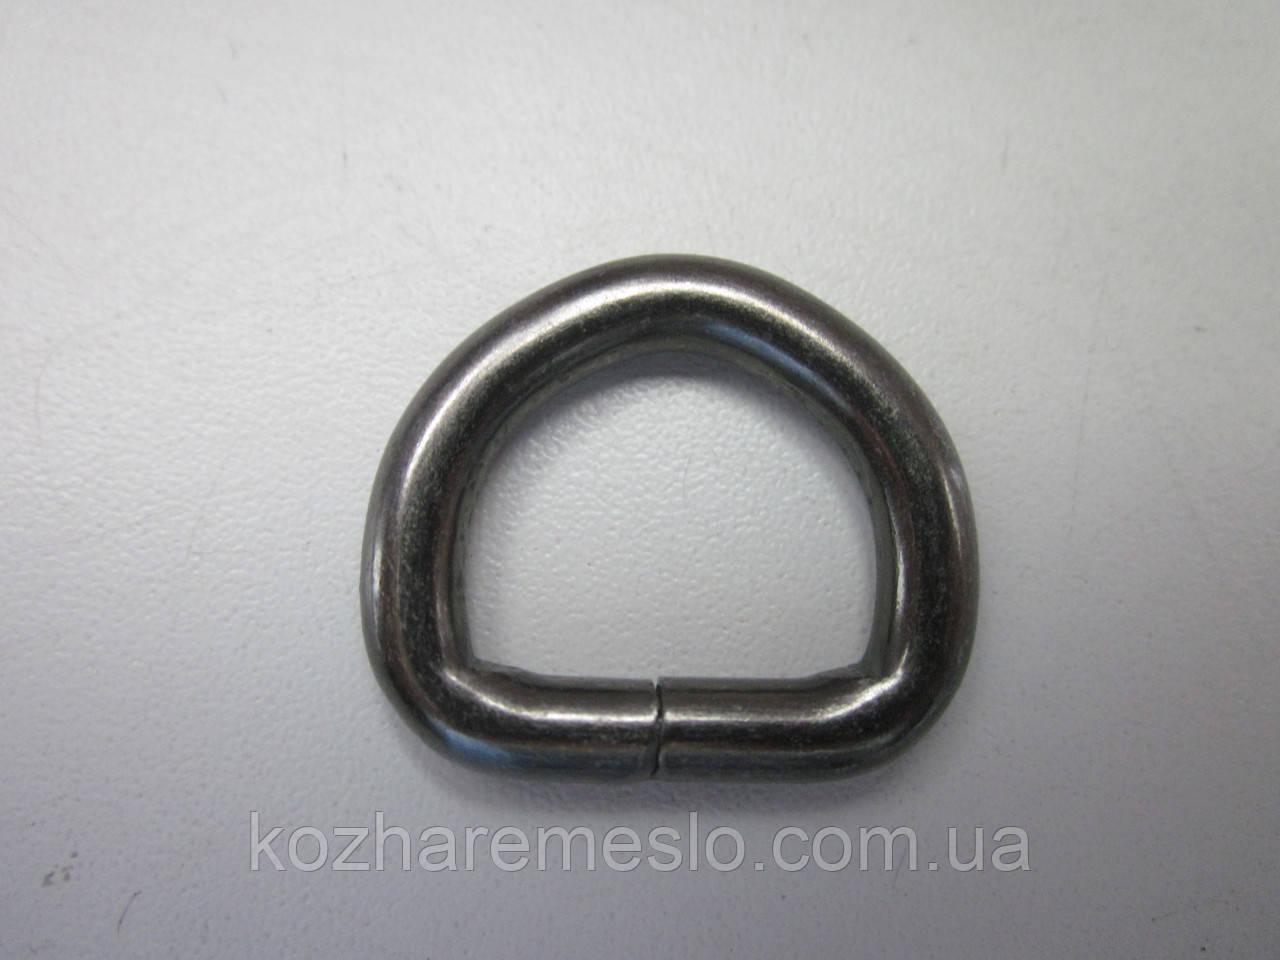 Полукольцо 5 х 25  х 18 мм тёмный никель